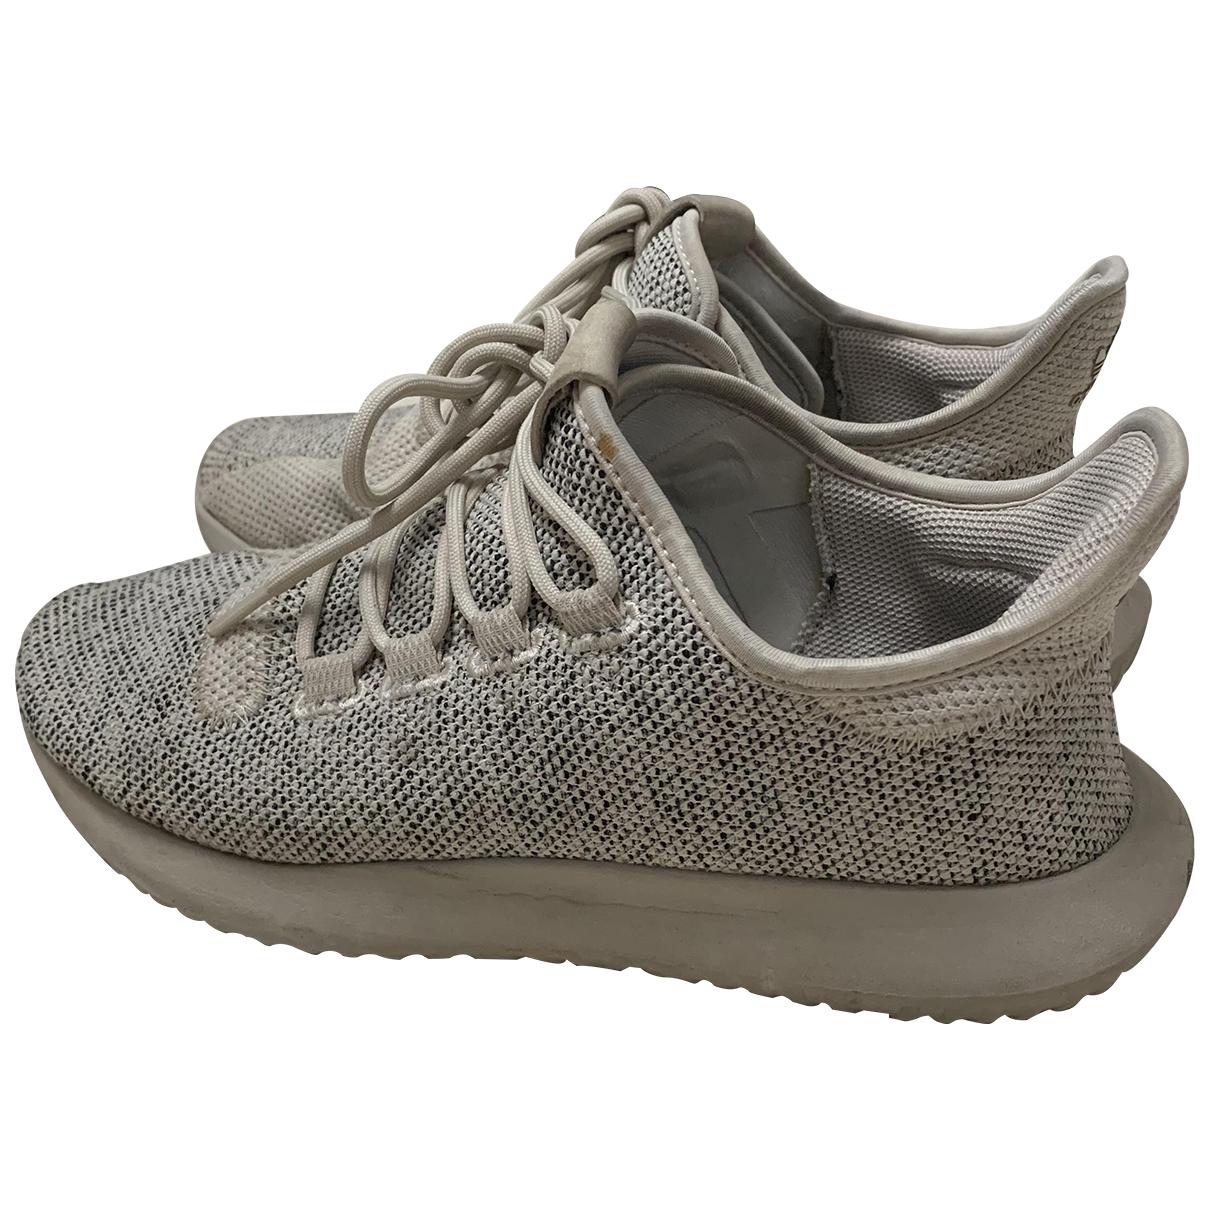 Adidas - Baskets Tubular pour homme en toile - gris